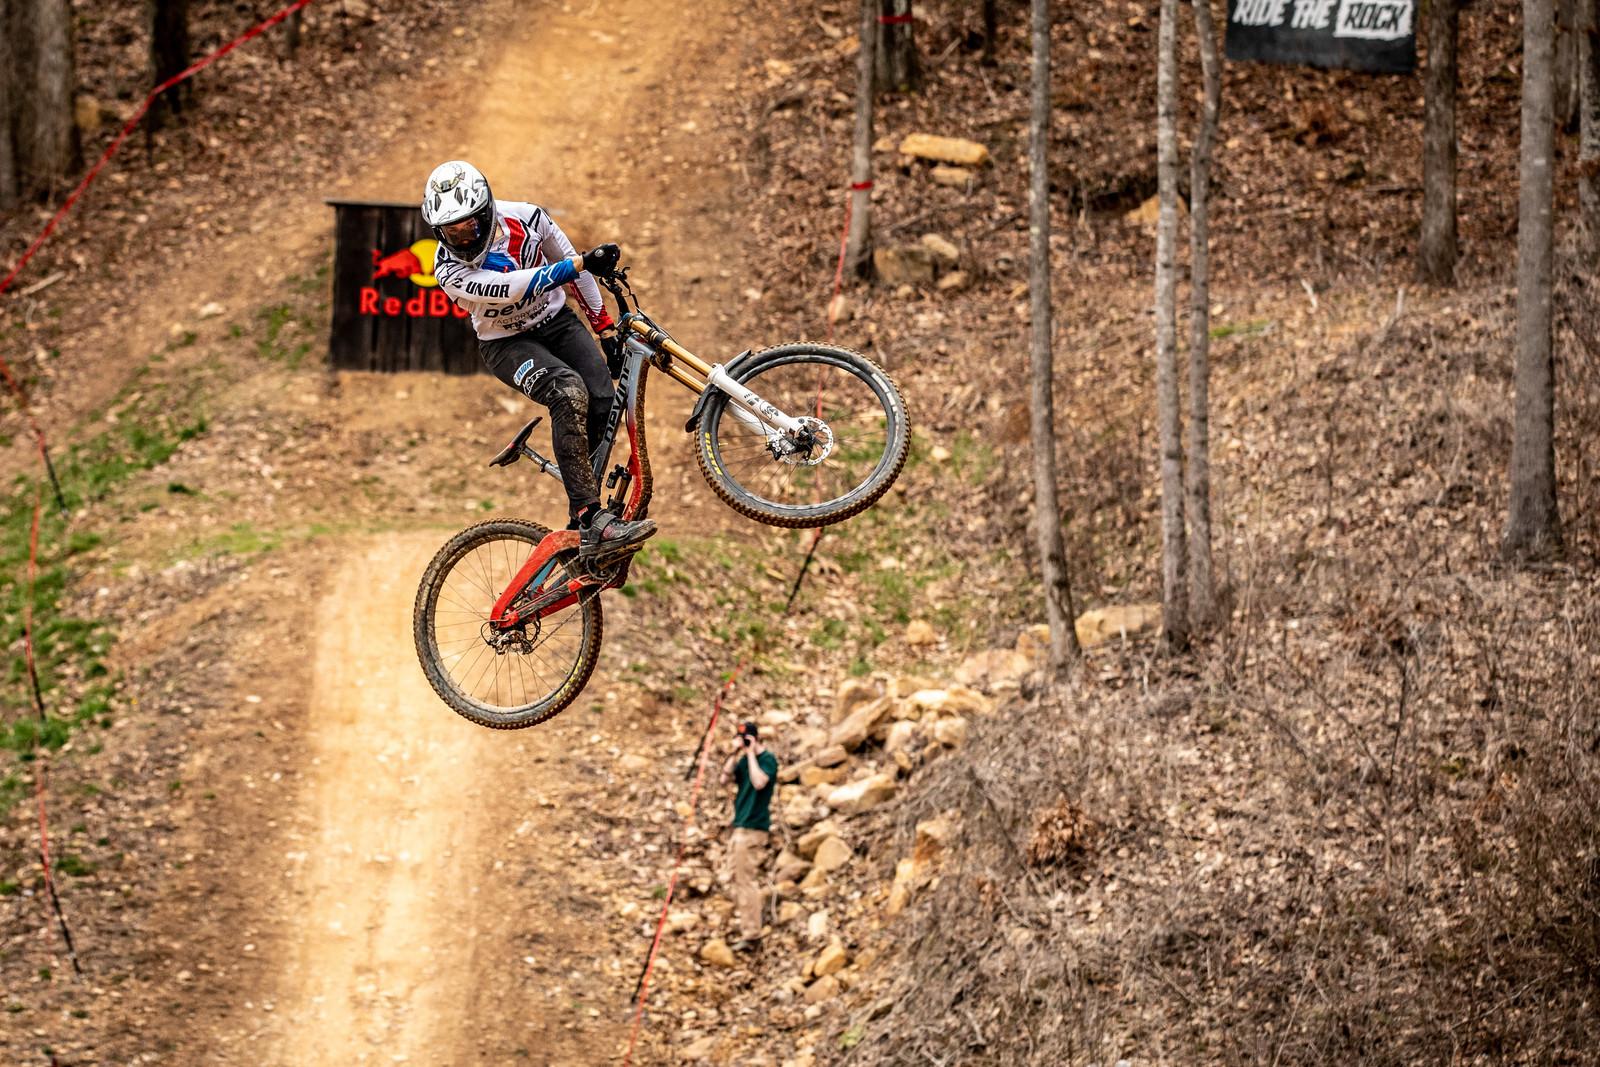 Dakotah Norton on track at Windrock.